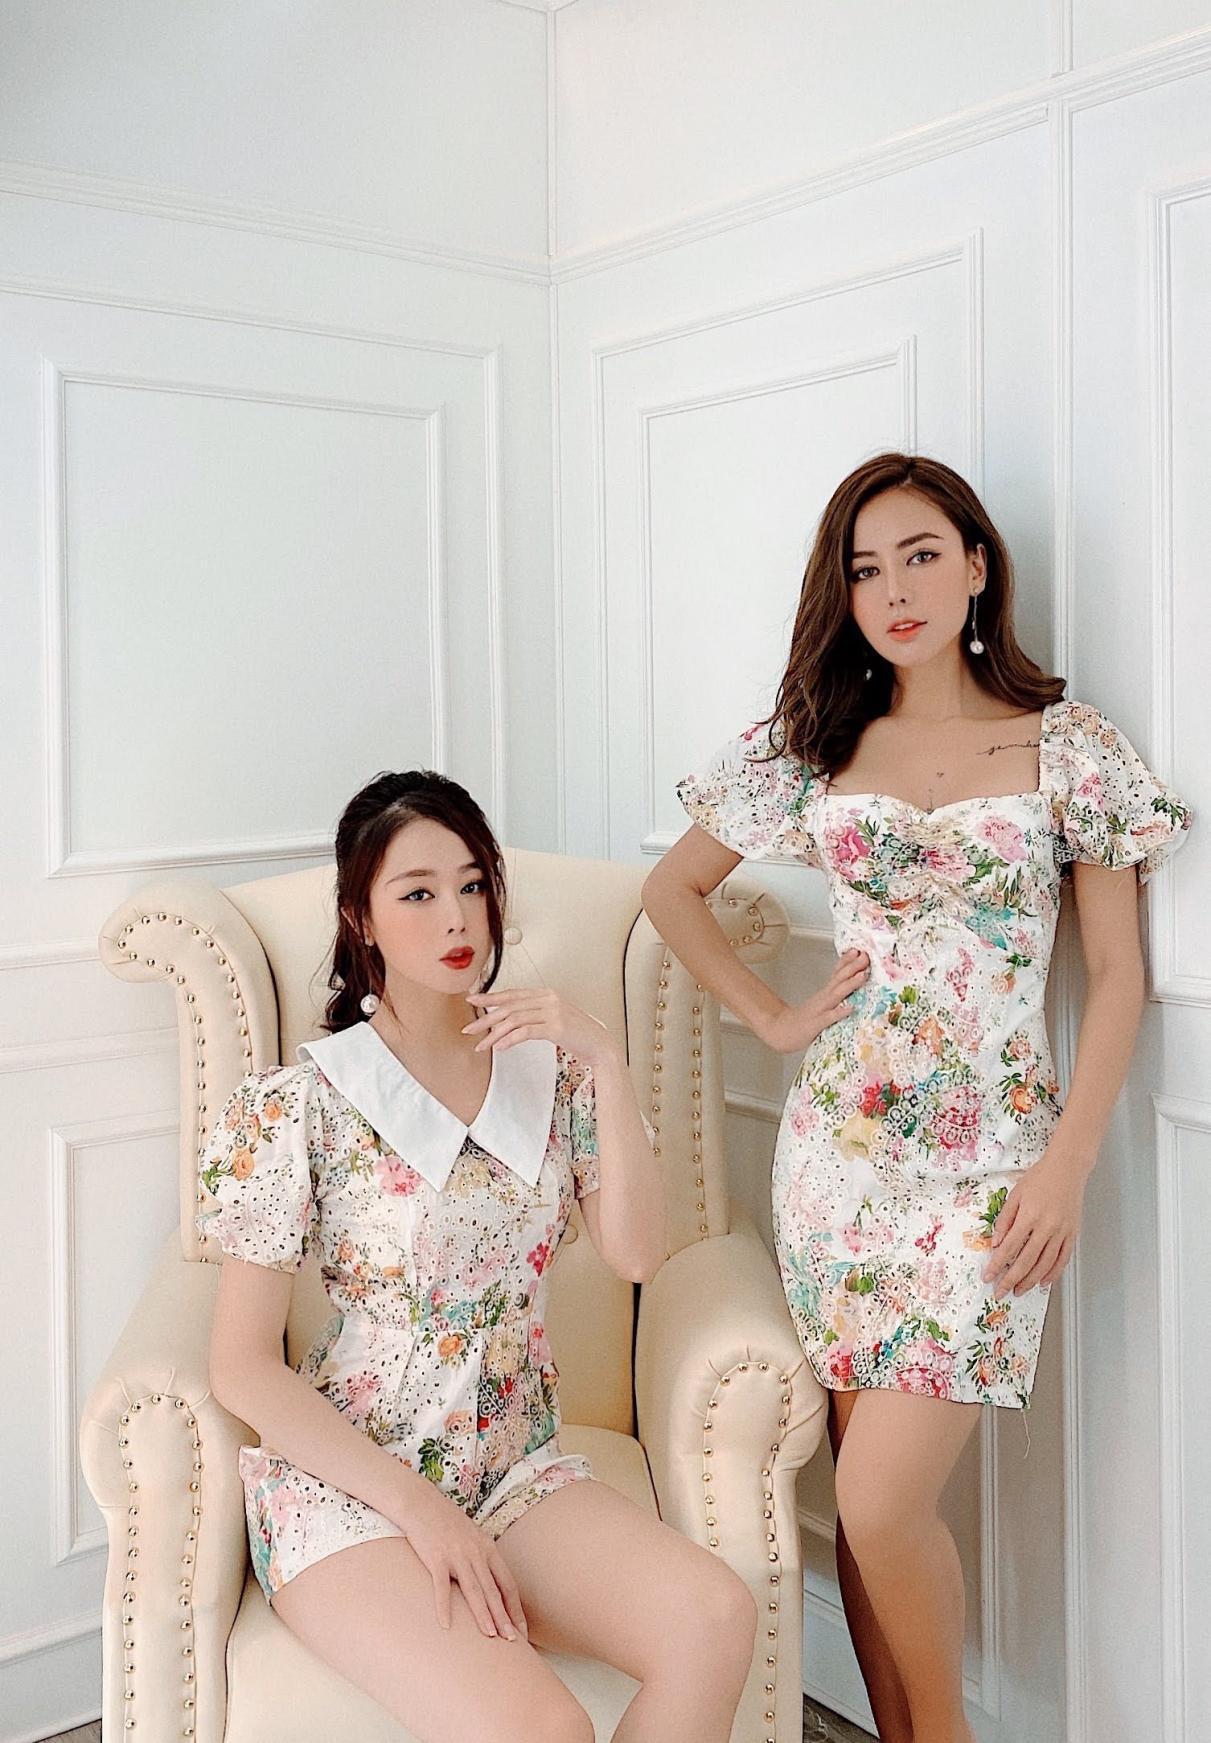 NGỌC BOUTIQUE - Thương hiệu thời trang đa phong cách, liên tục đổi mới mẫu mã cho chị em Sài Gòn - Ảnh 1.